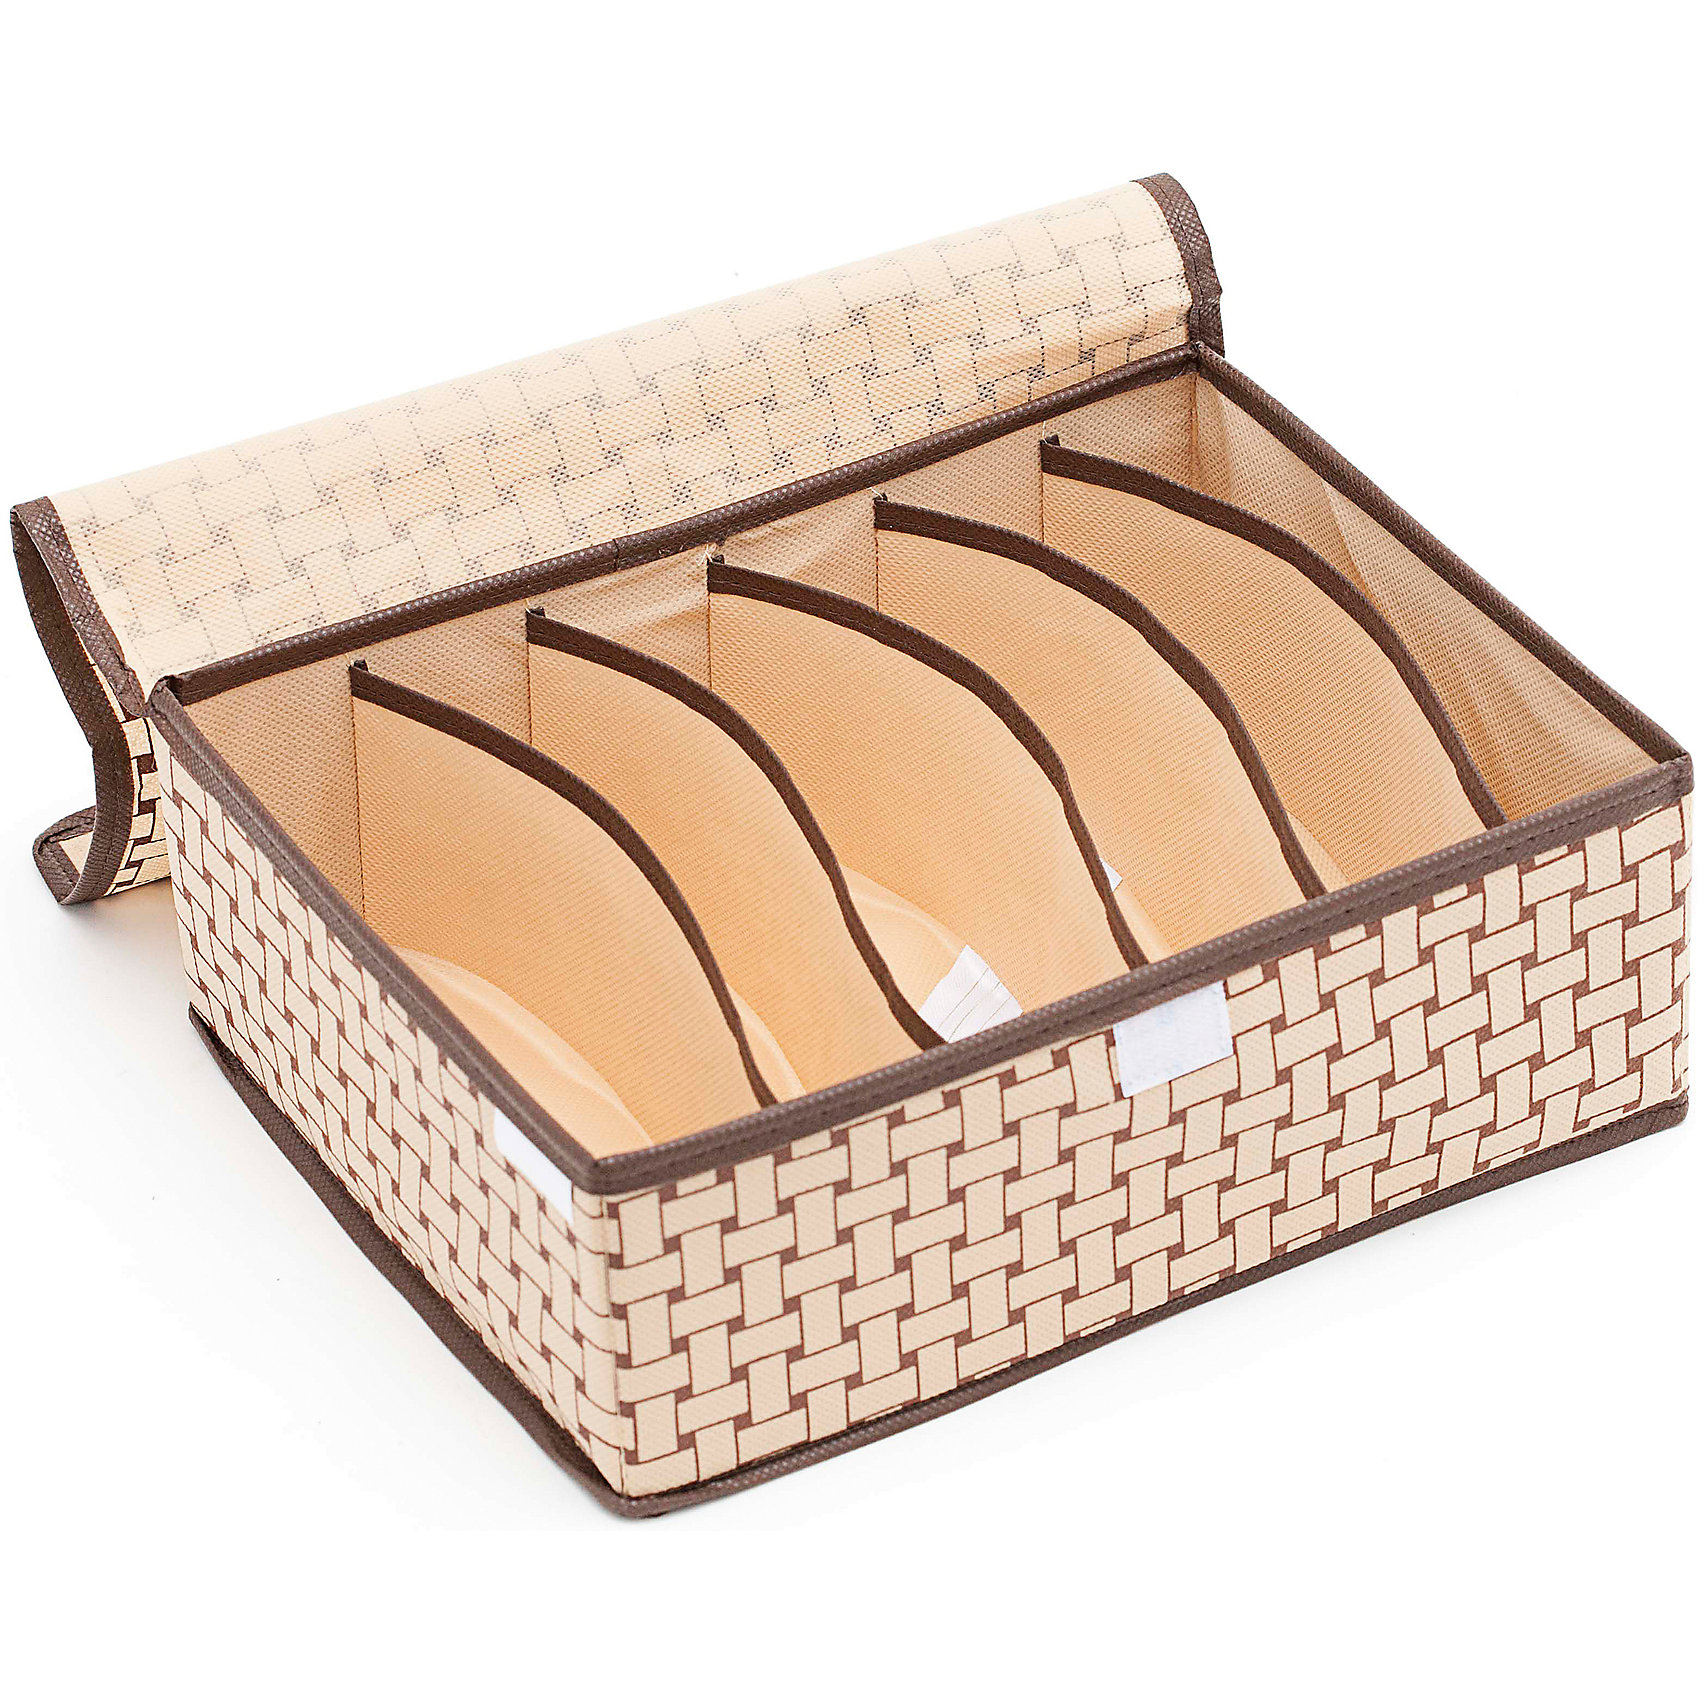 Органайзер для бюстгальтеров на 6 секций Pletenka (31*24*11), HomsuПорядок в детской<br>Прямоугольный и плоский органайзер имеет 6 раздельных ячеек размером 23Х5см с крышкой очень удобен для хранения мелких вещей в вашем ящике или на полке. Идеально для бюстгальтеров, нижнего белья и других вещей ежедневного пользования. Имеет жесткие борта, что является гарантией сохранности вещей. Подходит в шкафы Били от Икея.<br><br>Ширина мм: 530<br>Глубина мм: 110<br>Высота мм: 20<br>Вес г: 200<br>Возраст от месяцев: 216<br>Возраст до месяцев: 1188<br>Пол: Женский<br>Возраст: Детский<br>SKU: 5620156